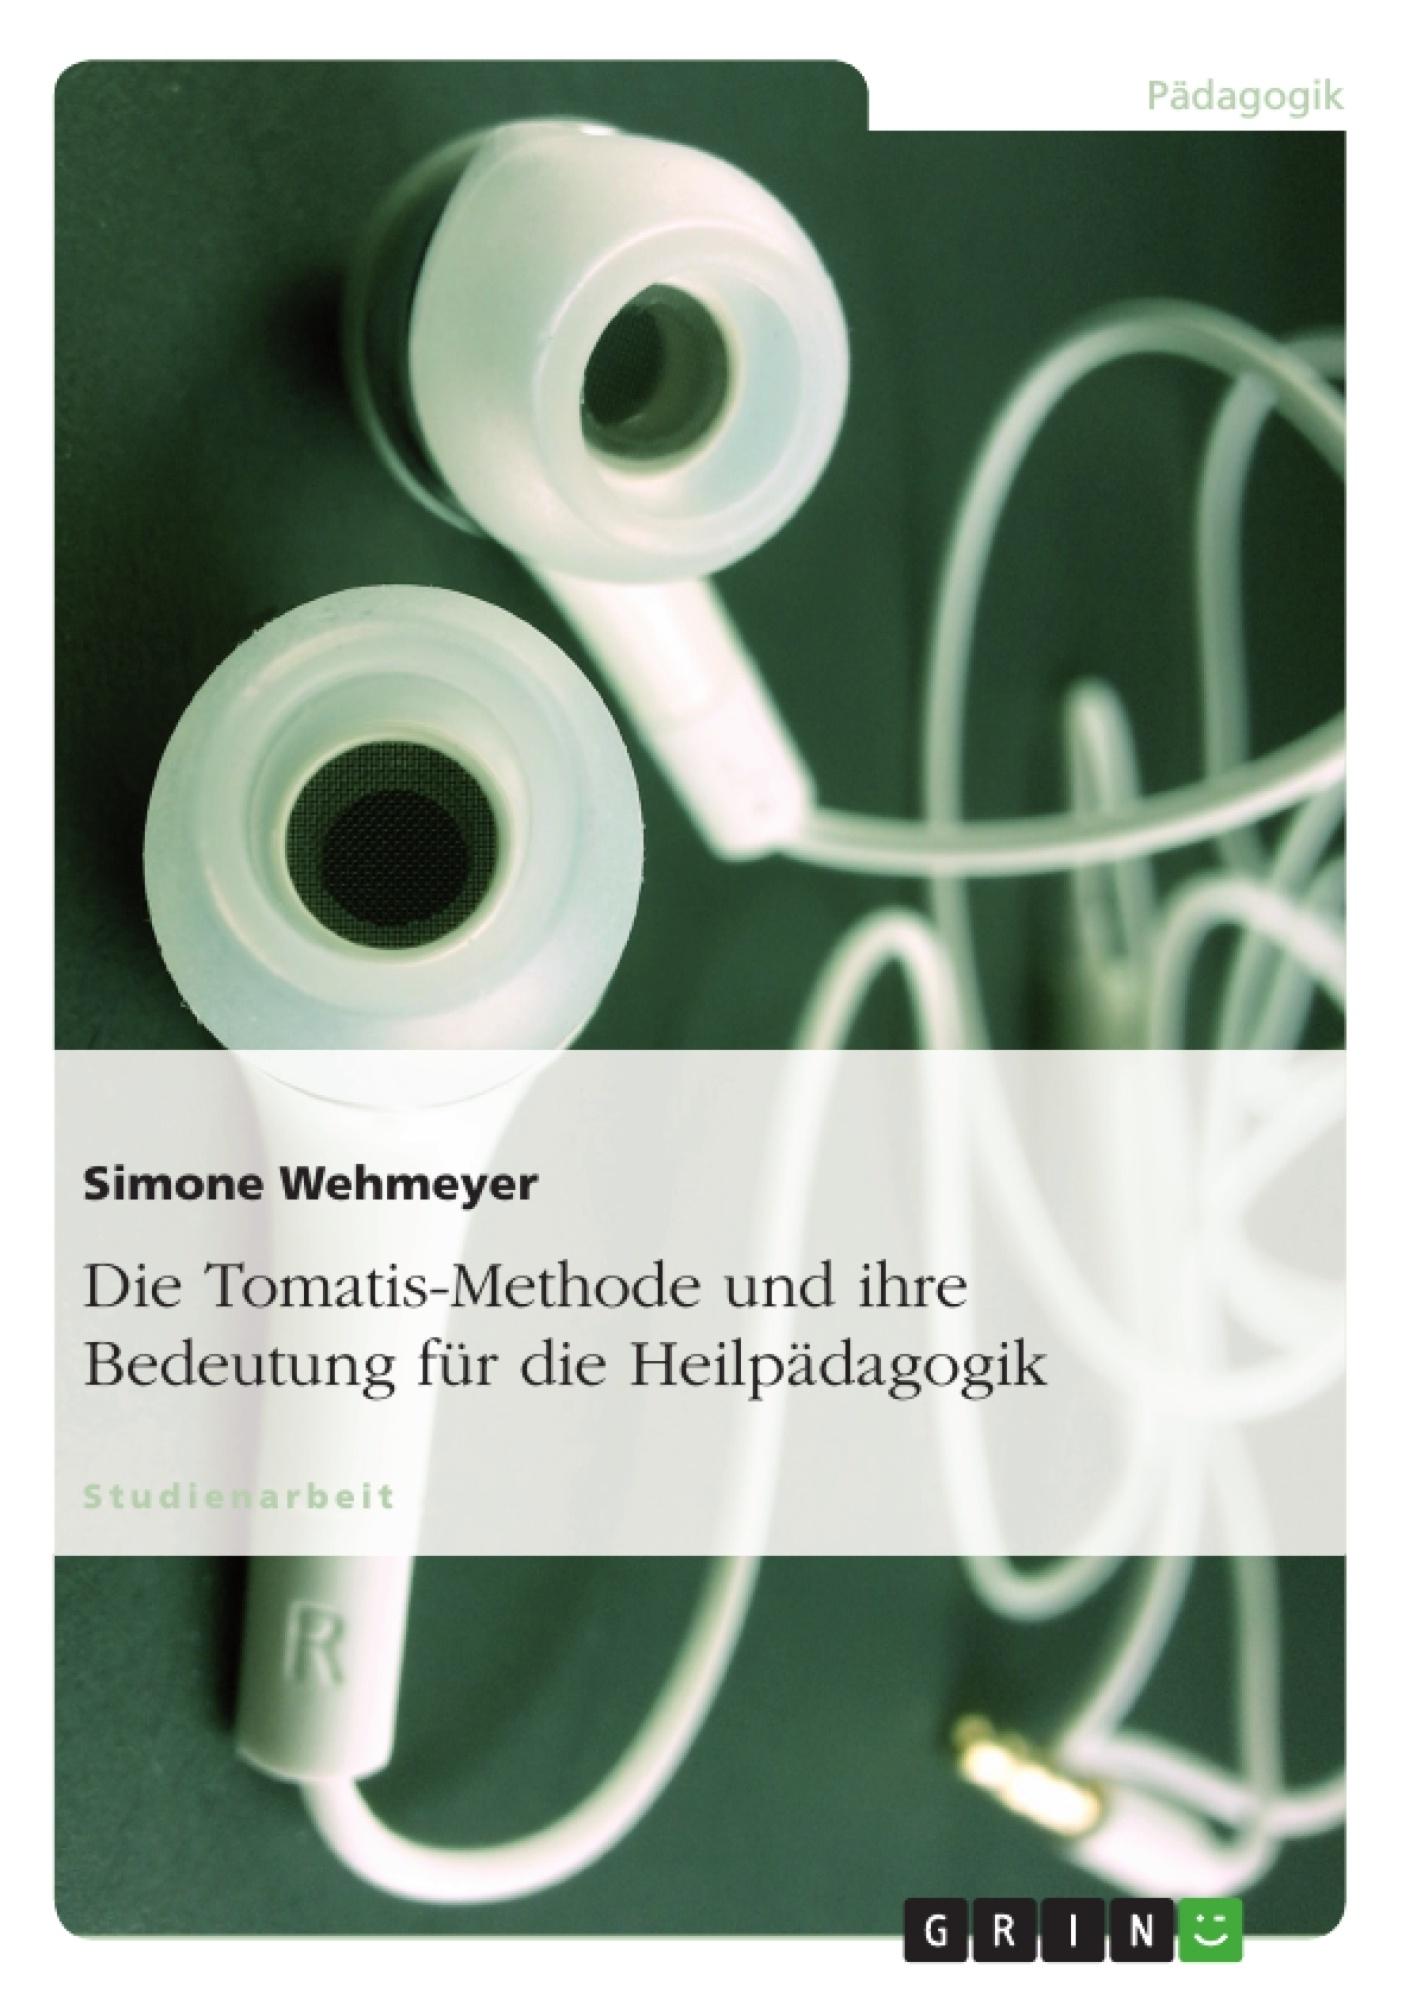 Titel: Die Tomatis-Methode und ihre Bedeutung für die Heilpädagogik